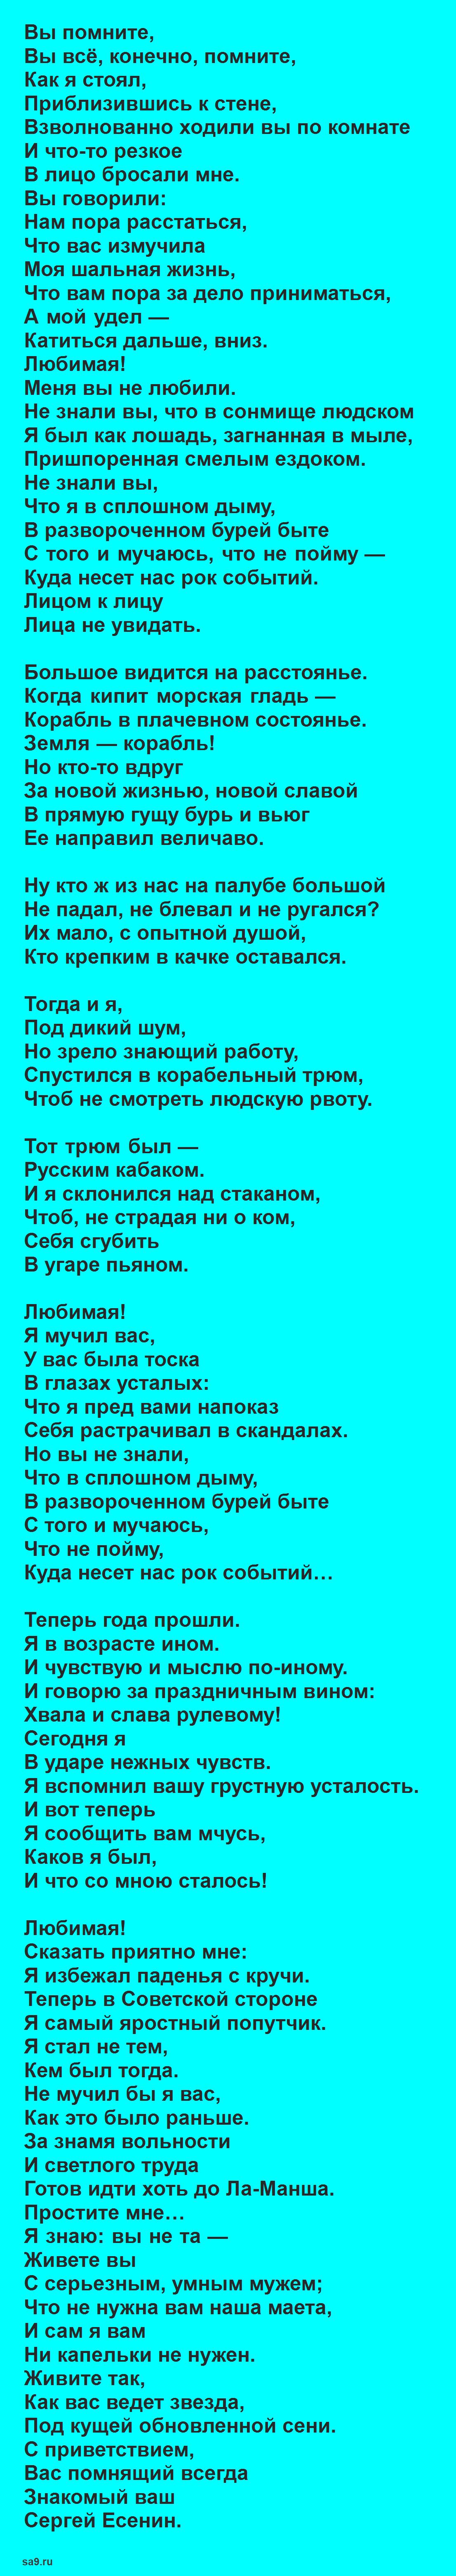 Лучшие поэты Есенин, стихи о любви